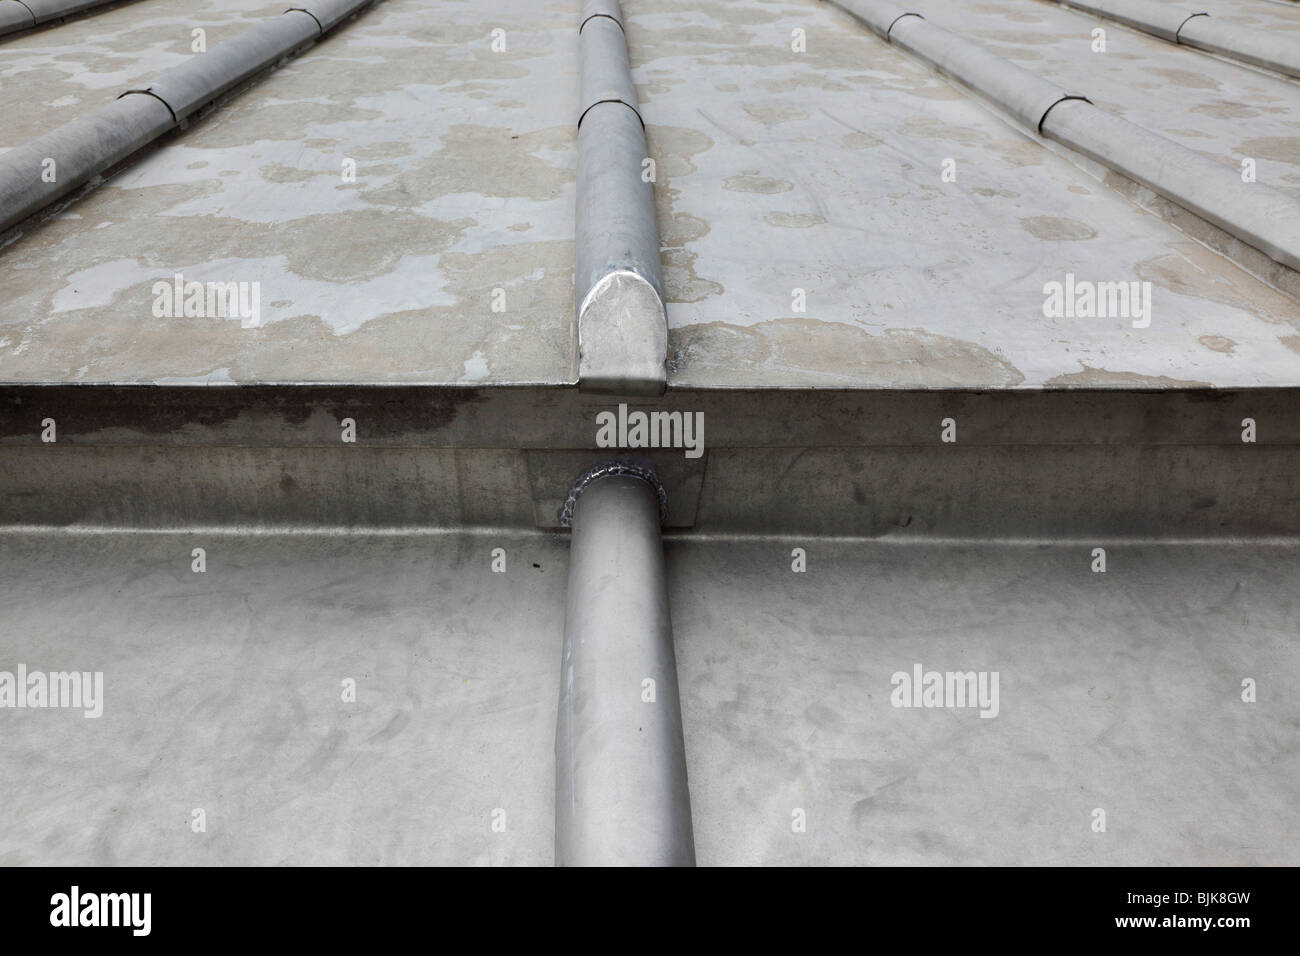 Architektur Dach Detail Blei Als Dachmaterial Verwendet Stockfoto